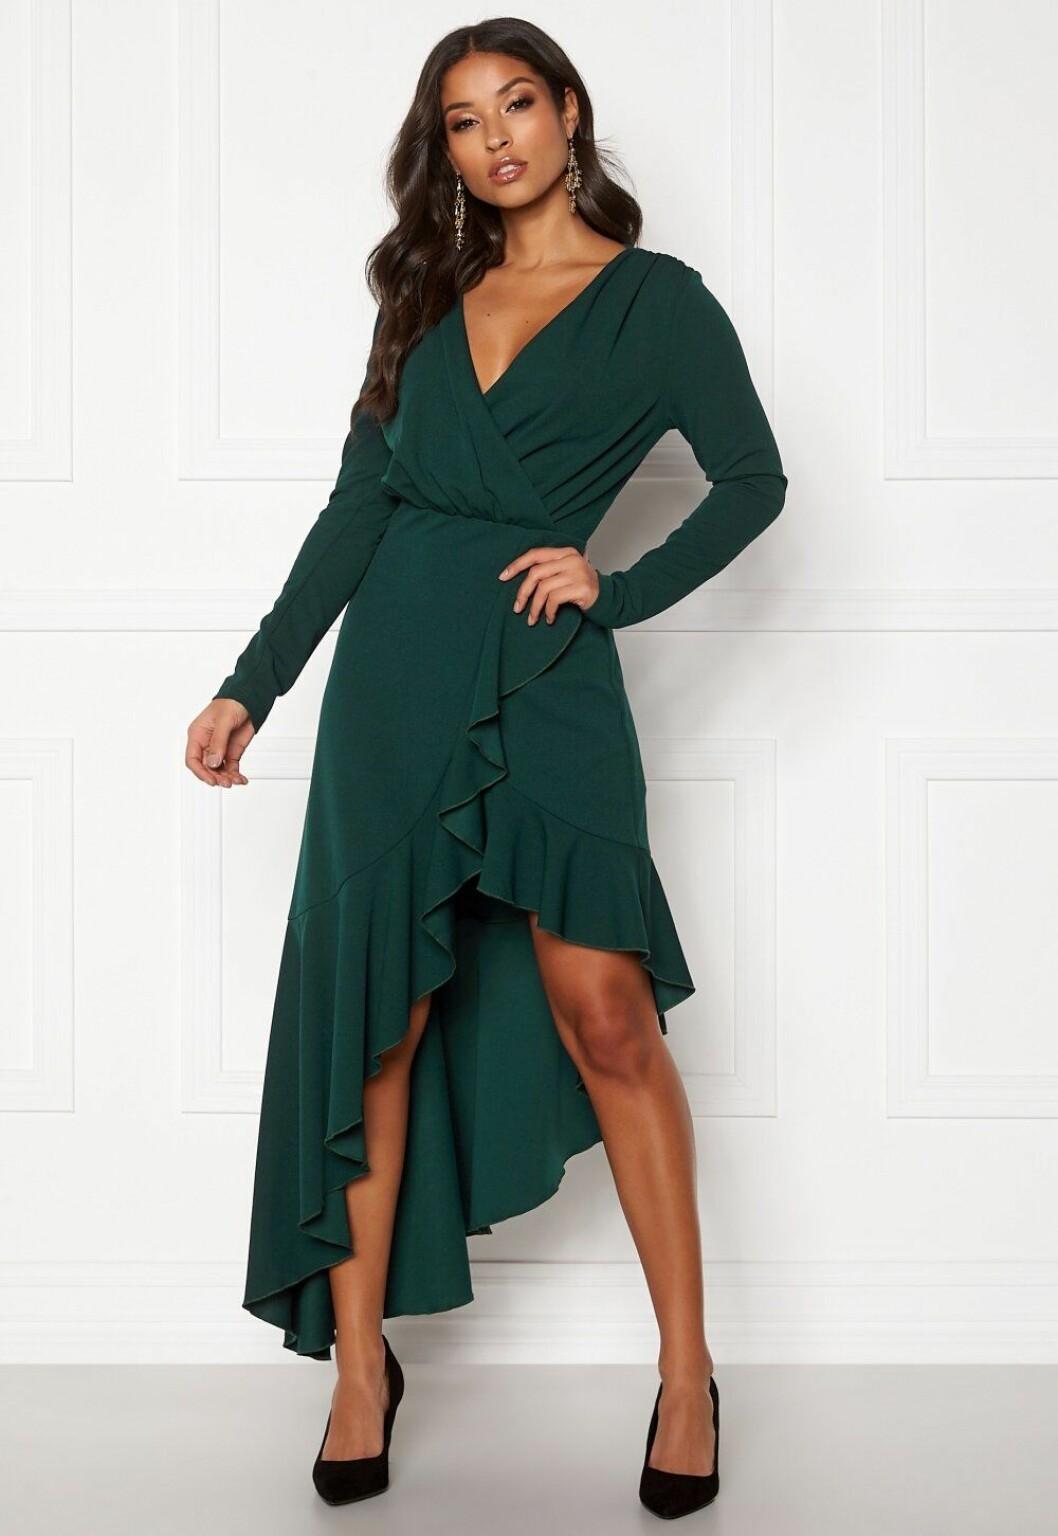 Grön klänning med lång ärm till bröllop 2020